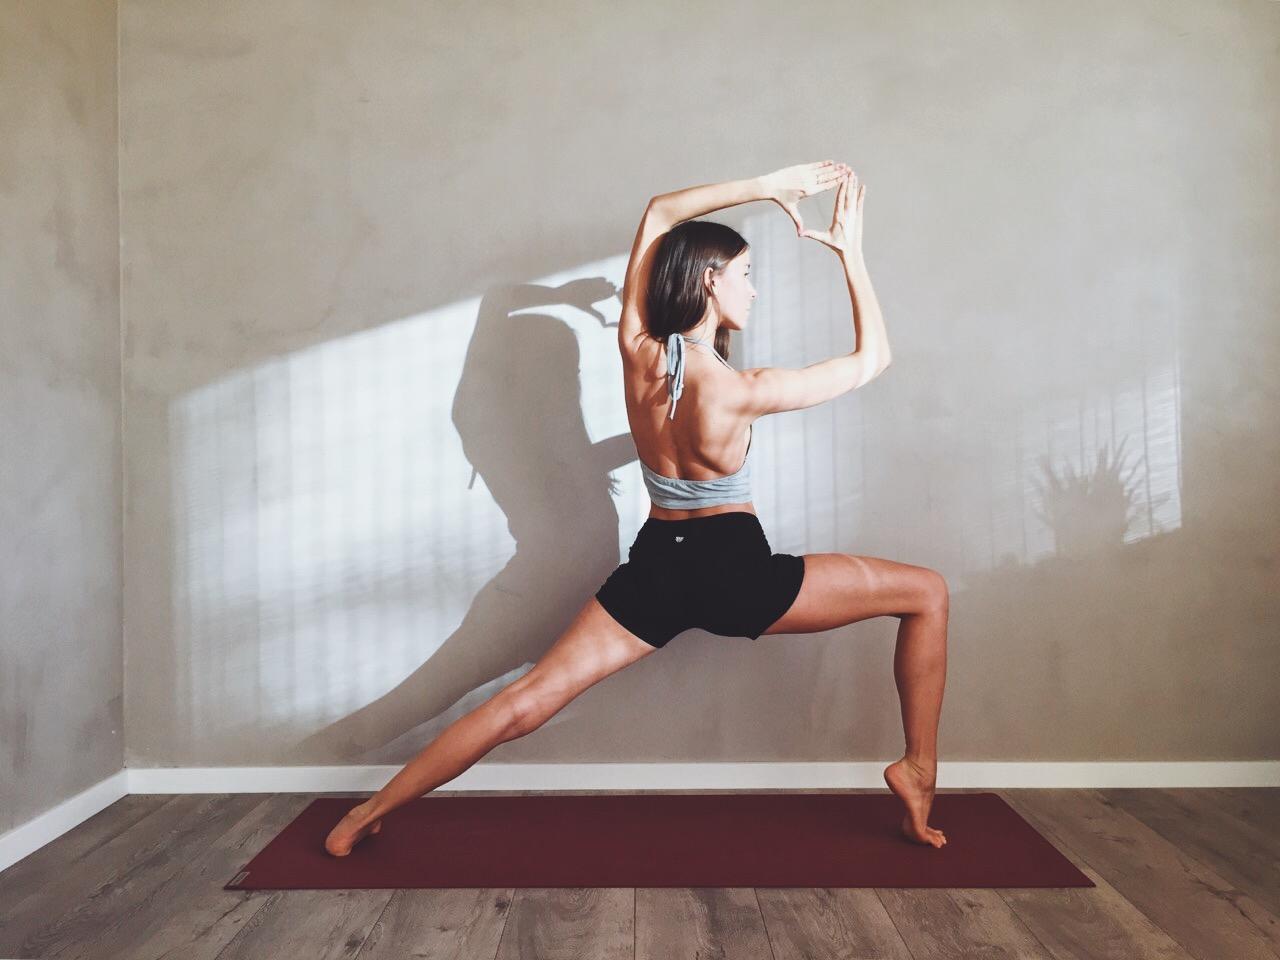 The-Yoga-Flat-København-Faye-Baldwin